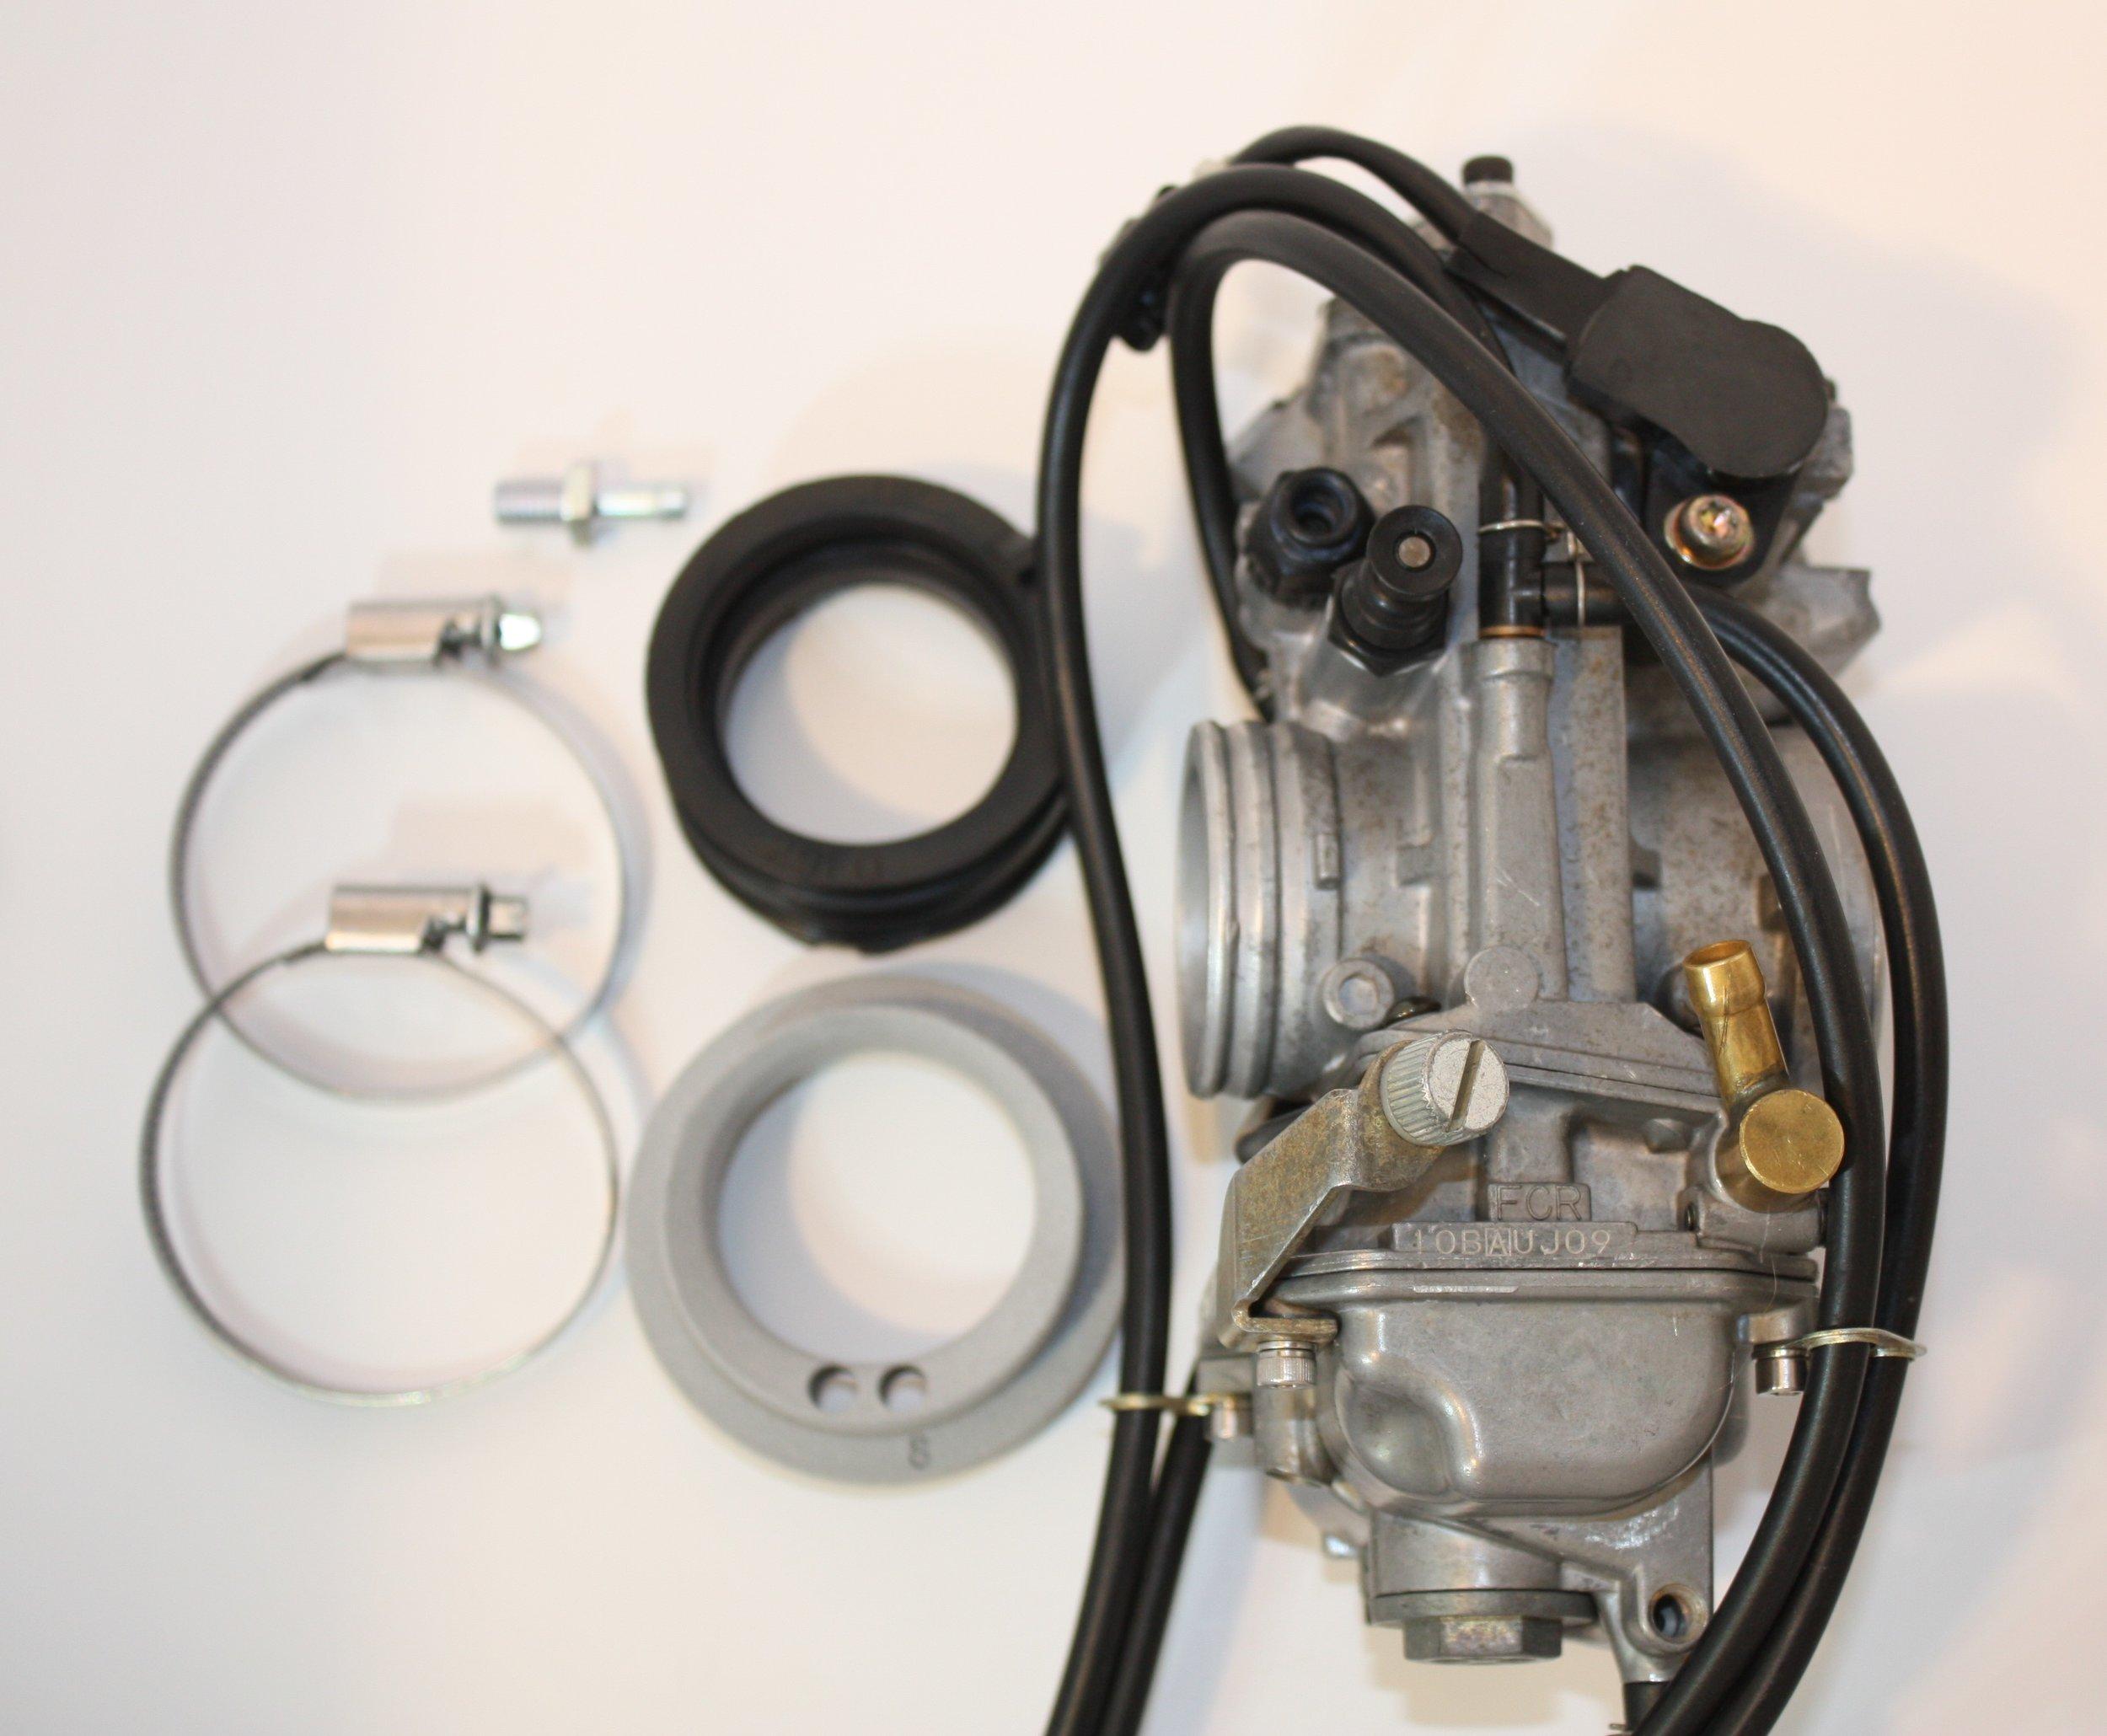 DRZ 400 FCR 39mm Carburetor and Installation Kit APP-1001-2